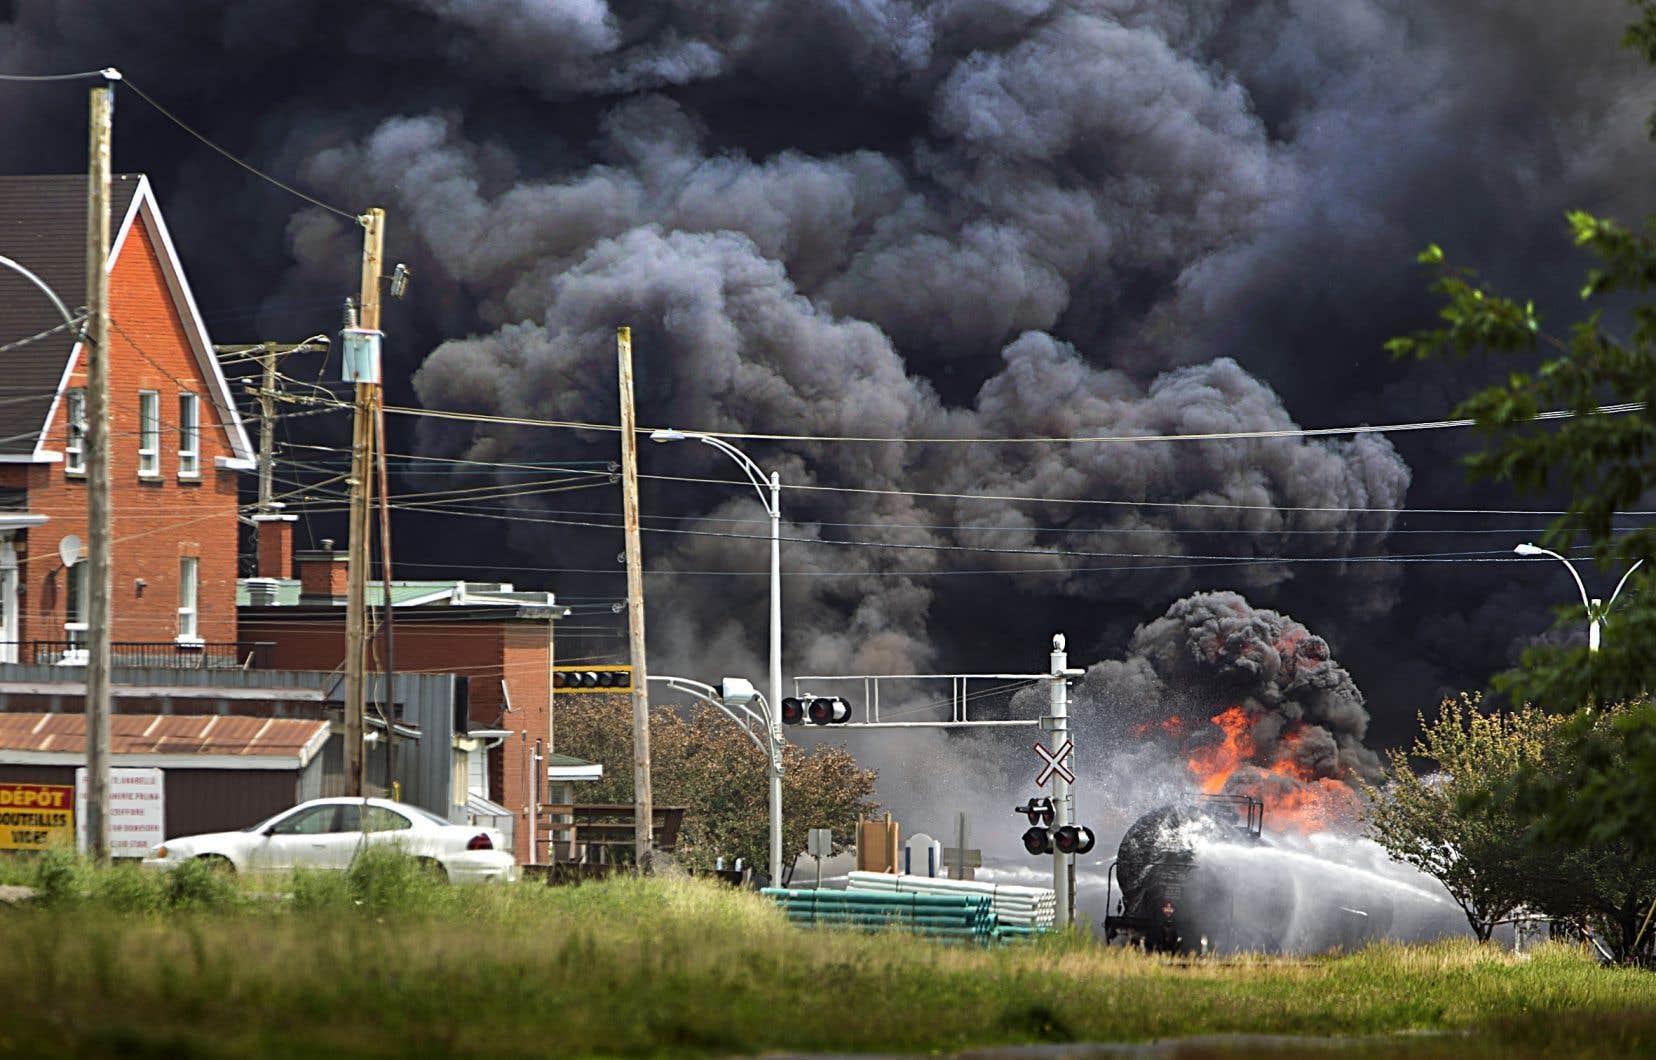 Un train transportant du pétrole a déraillé et explosé à Lac-Mégantic en 2013, faisant 47 morts.